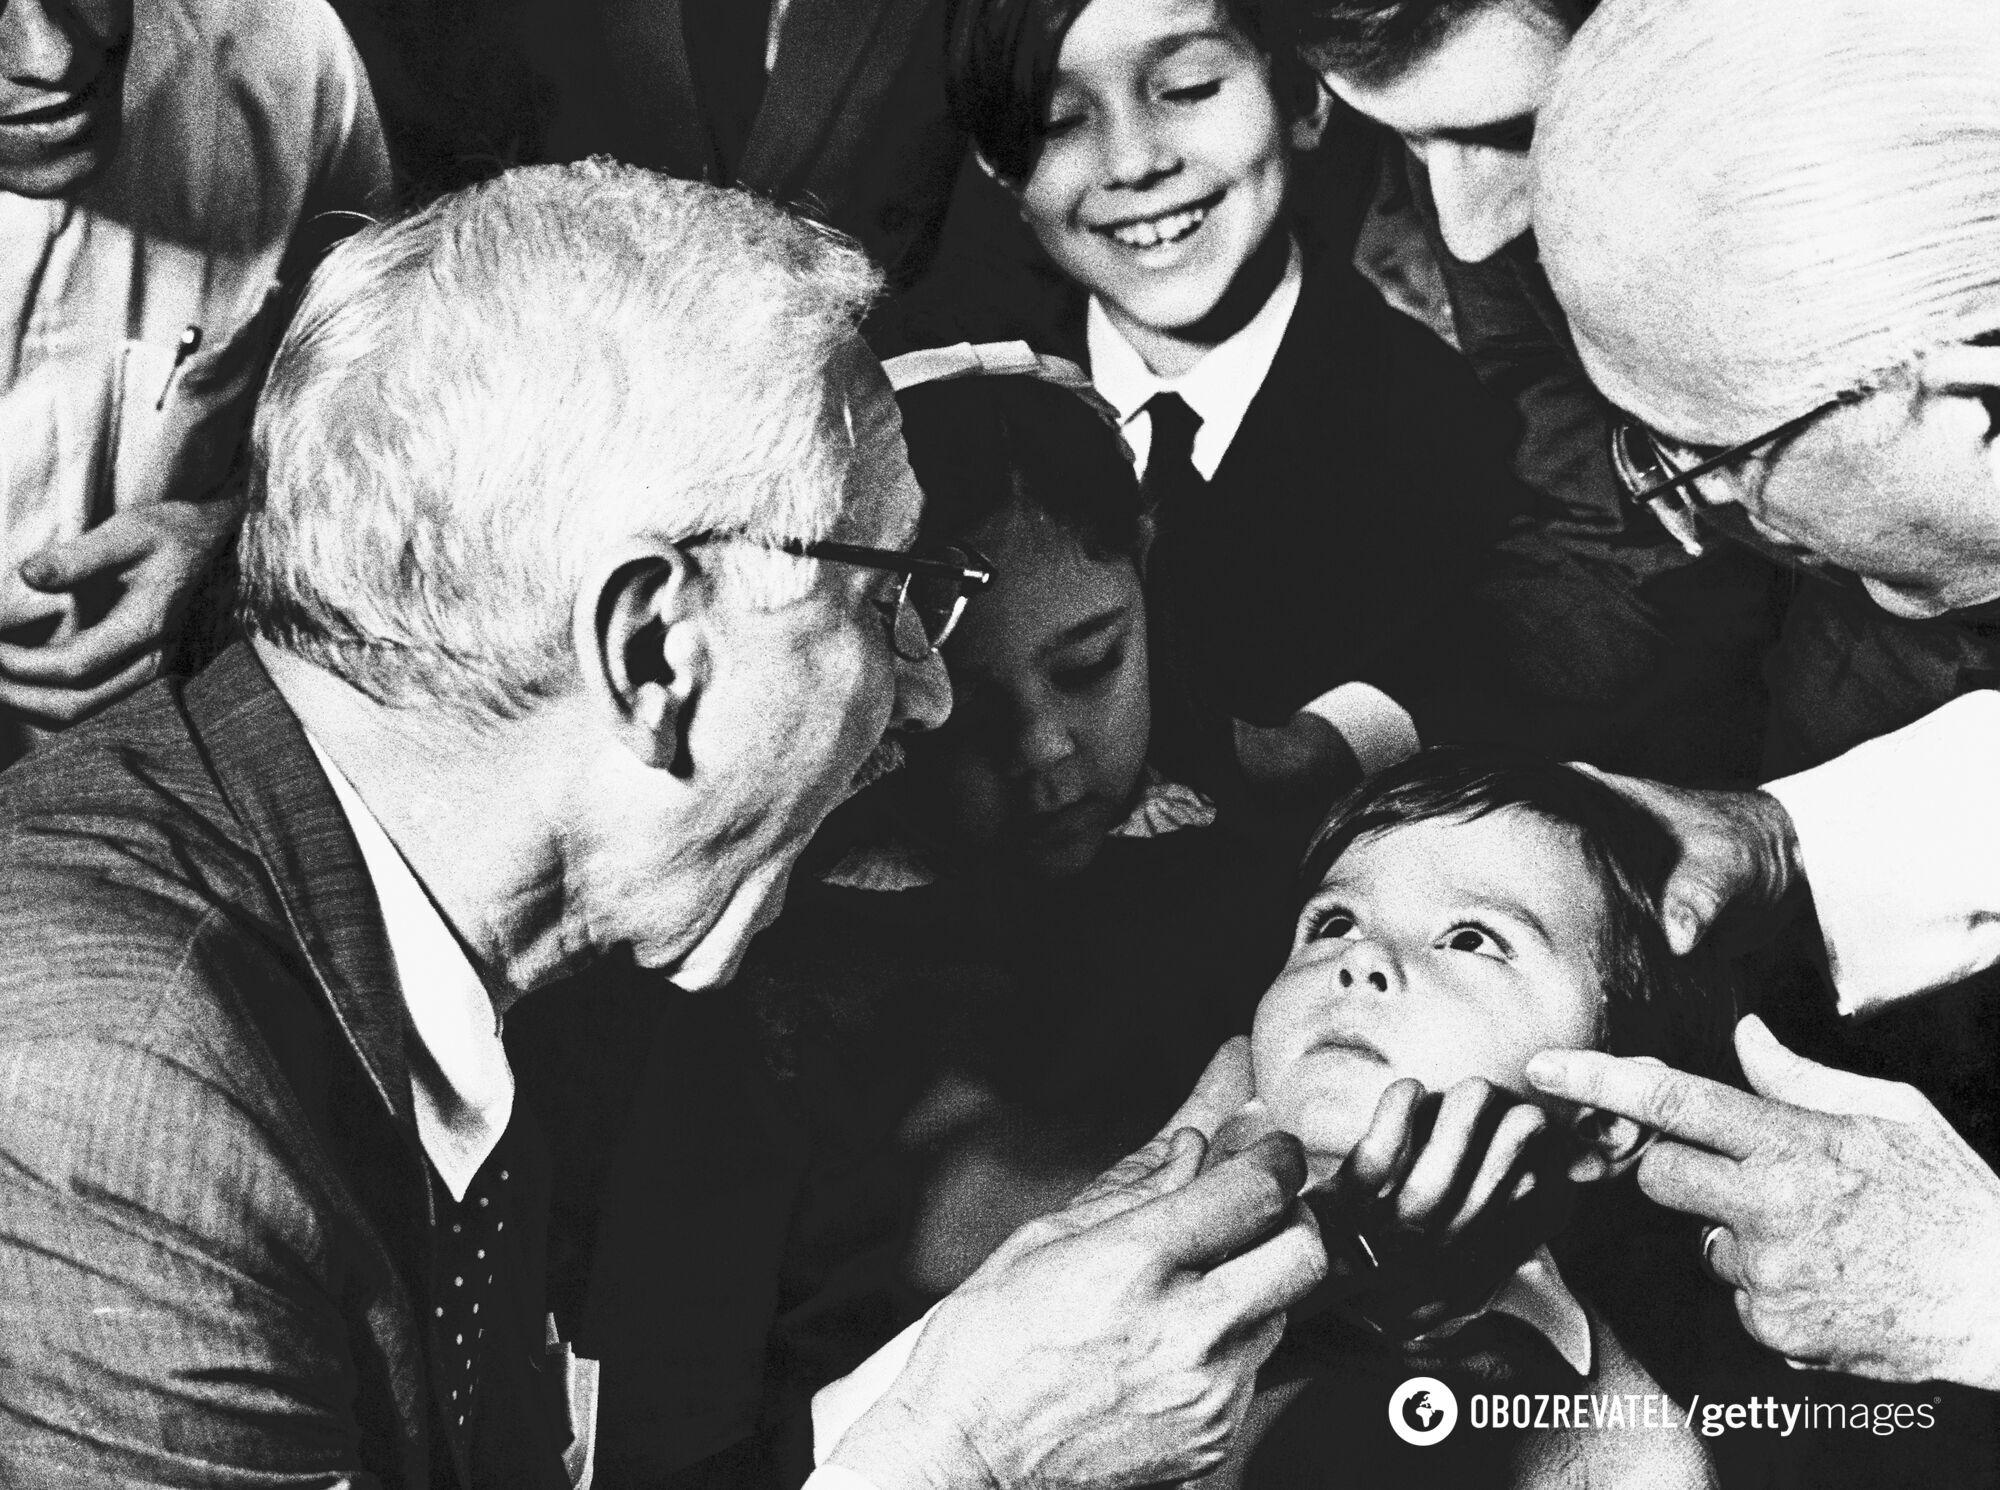 Сейбин опроверг гипотезу о том, что вирус полиомиелита проникает в организм воздушно-капельным путем